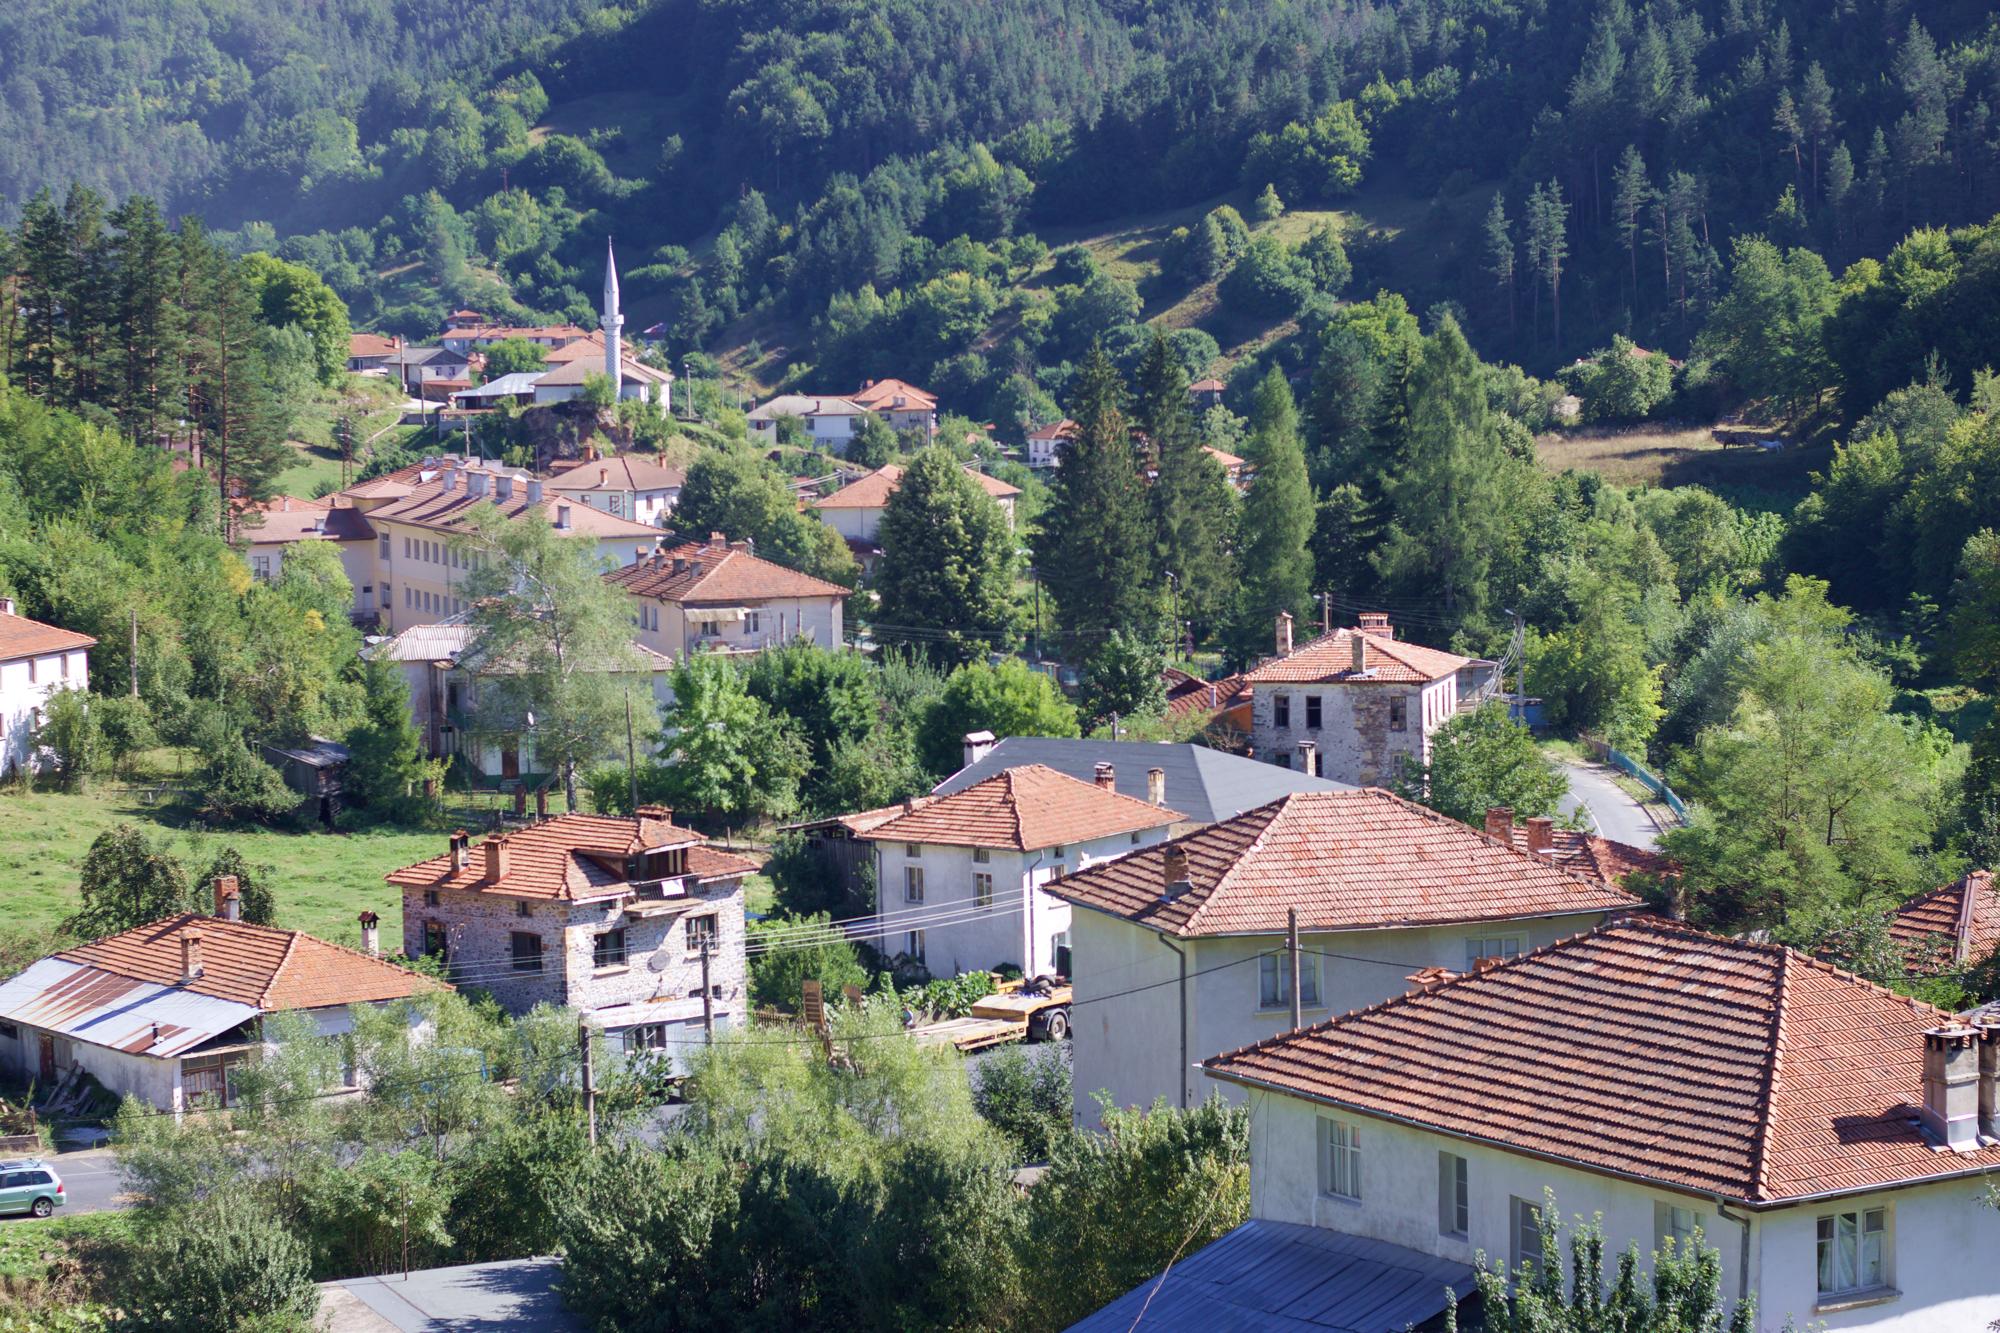 Село Арда, почивка в Родопите в края на лятото